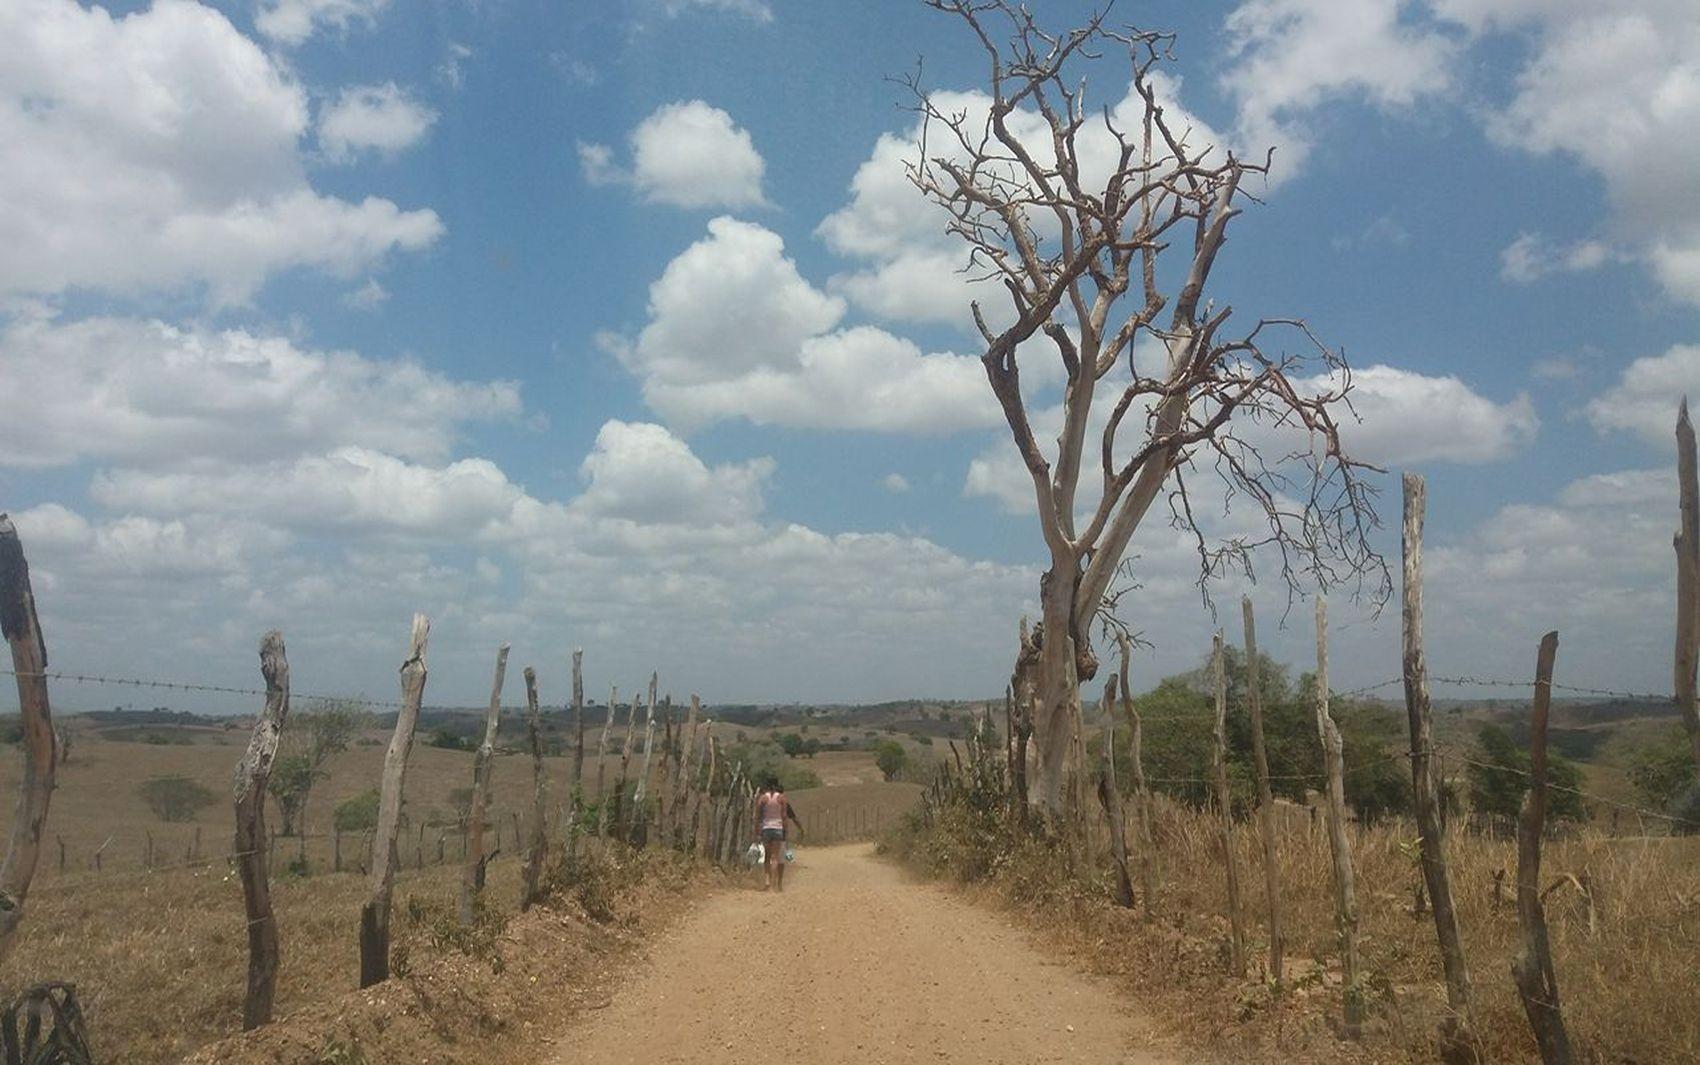 Levantamento registra avanço da seca em Sergipe no mês de outubro